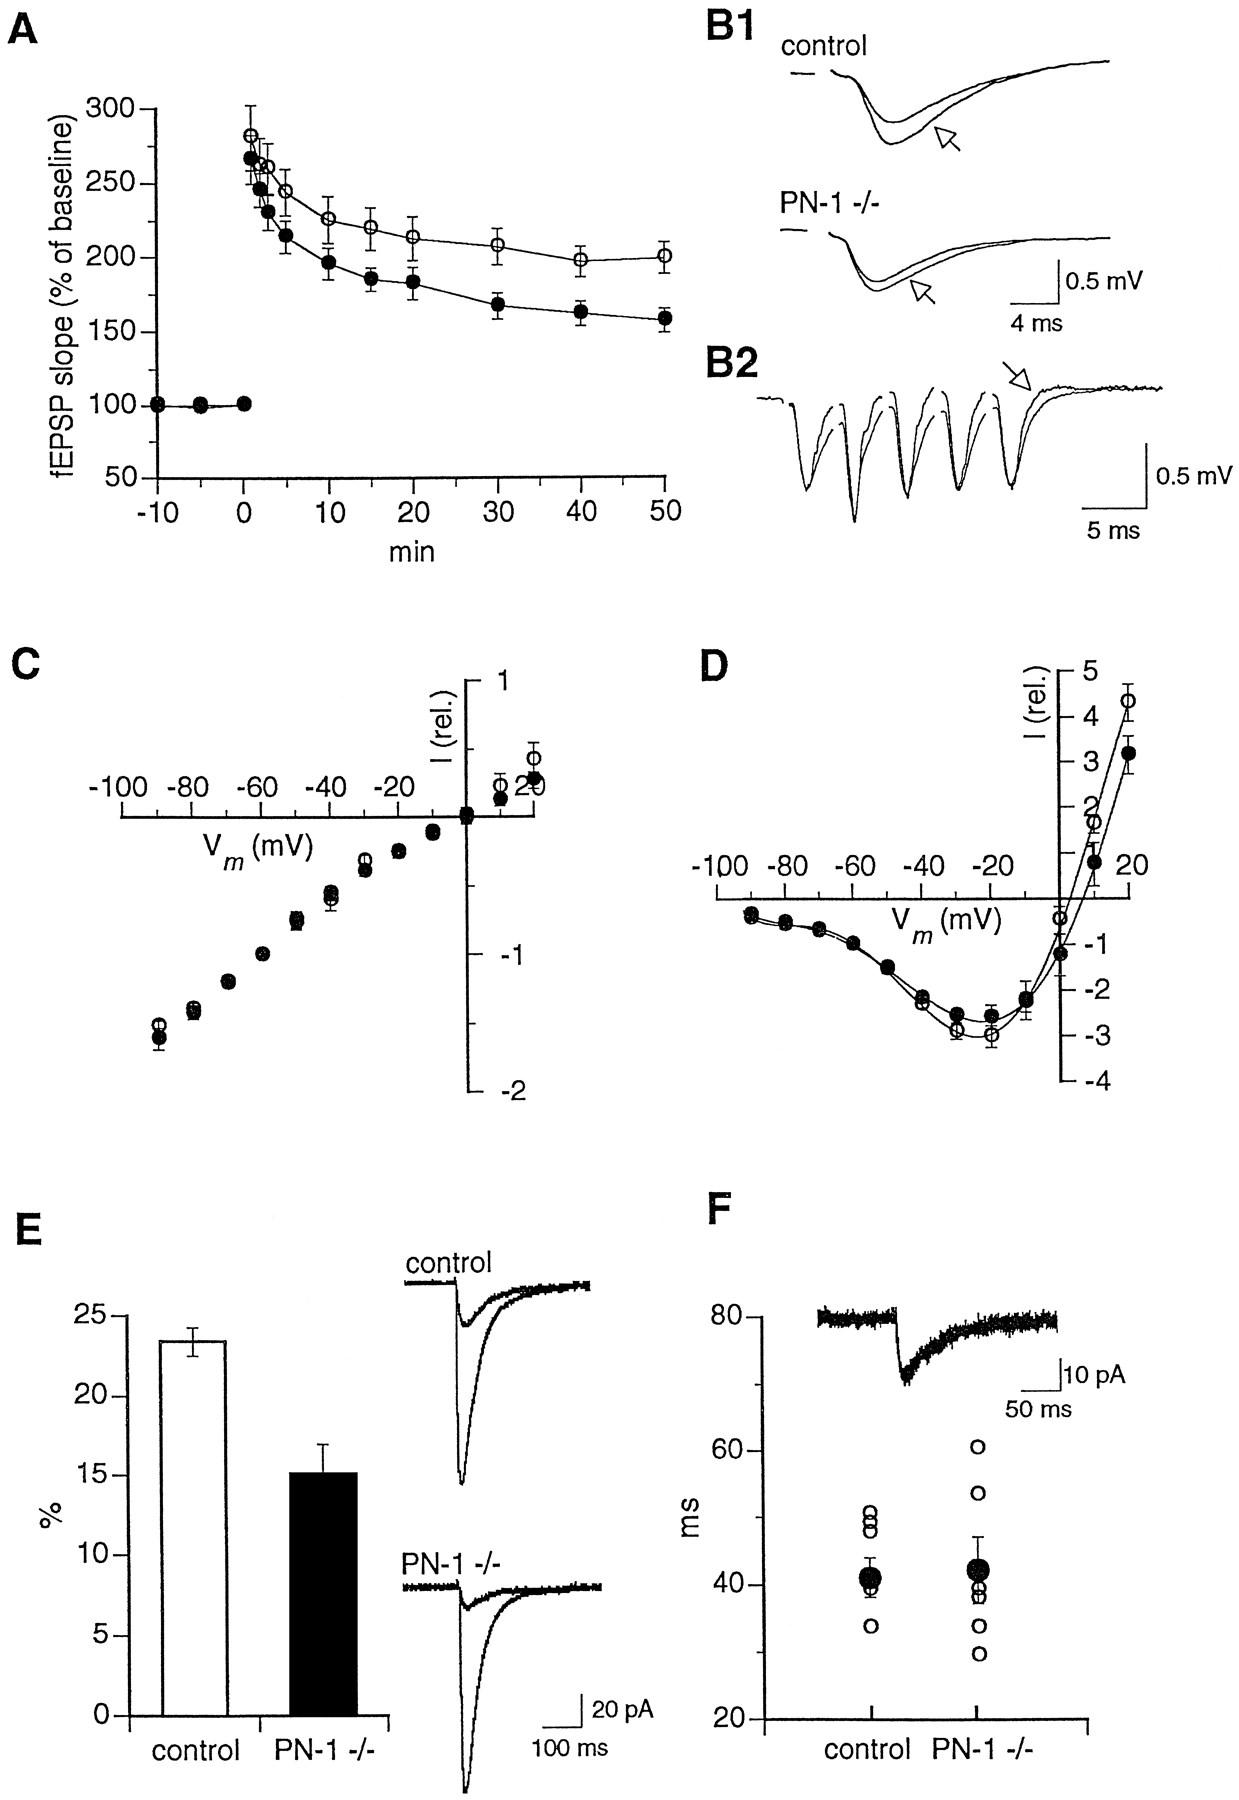 Endogenous Serine Protease Inhibitor Modulates Epileptic